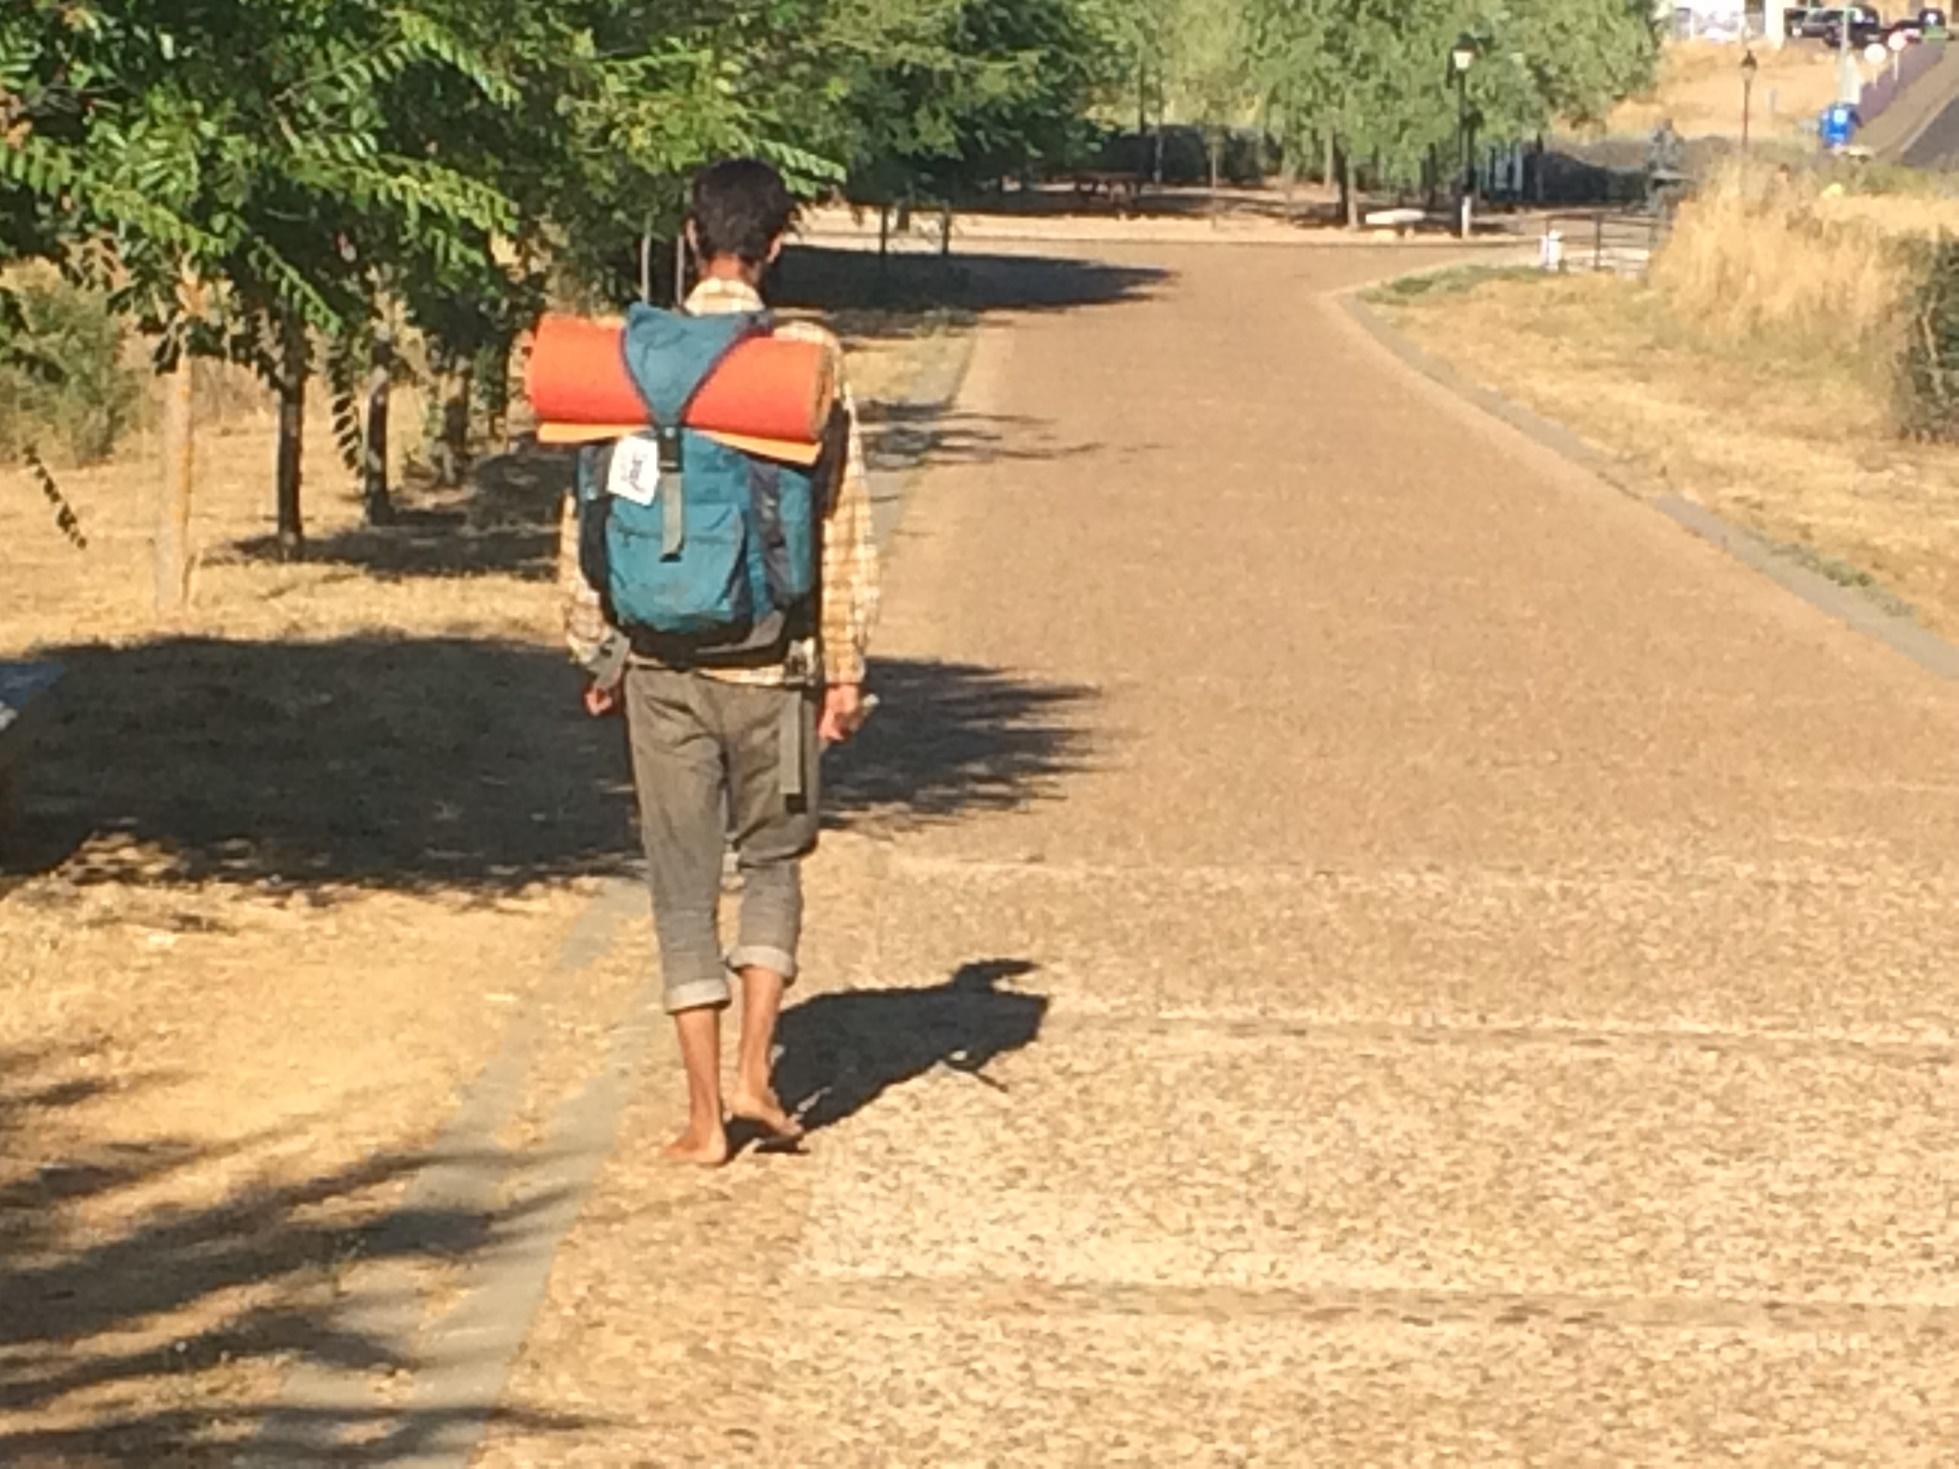 Dominique, um jovem da República Tcheca, saiu da França com destino a Santiago, num percurso de mais de mil quilômetros, descalço